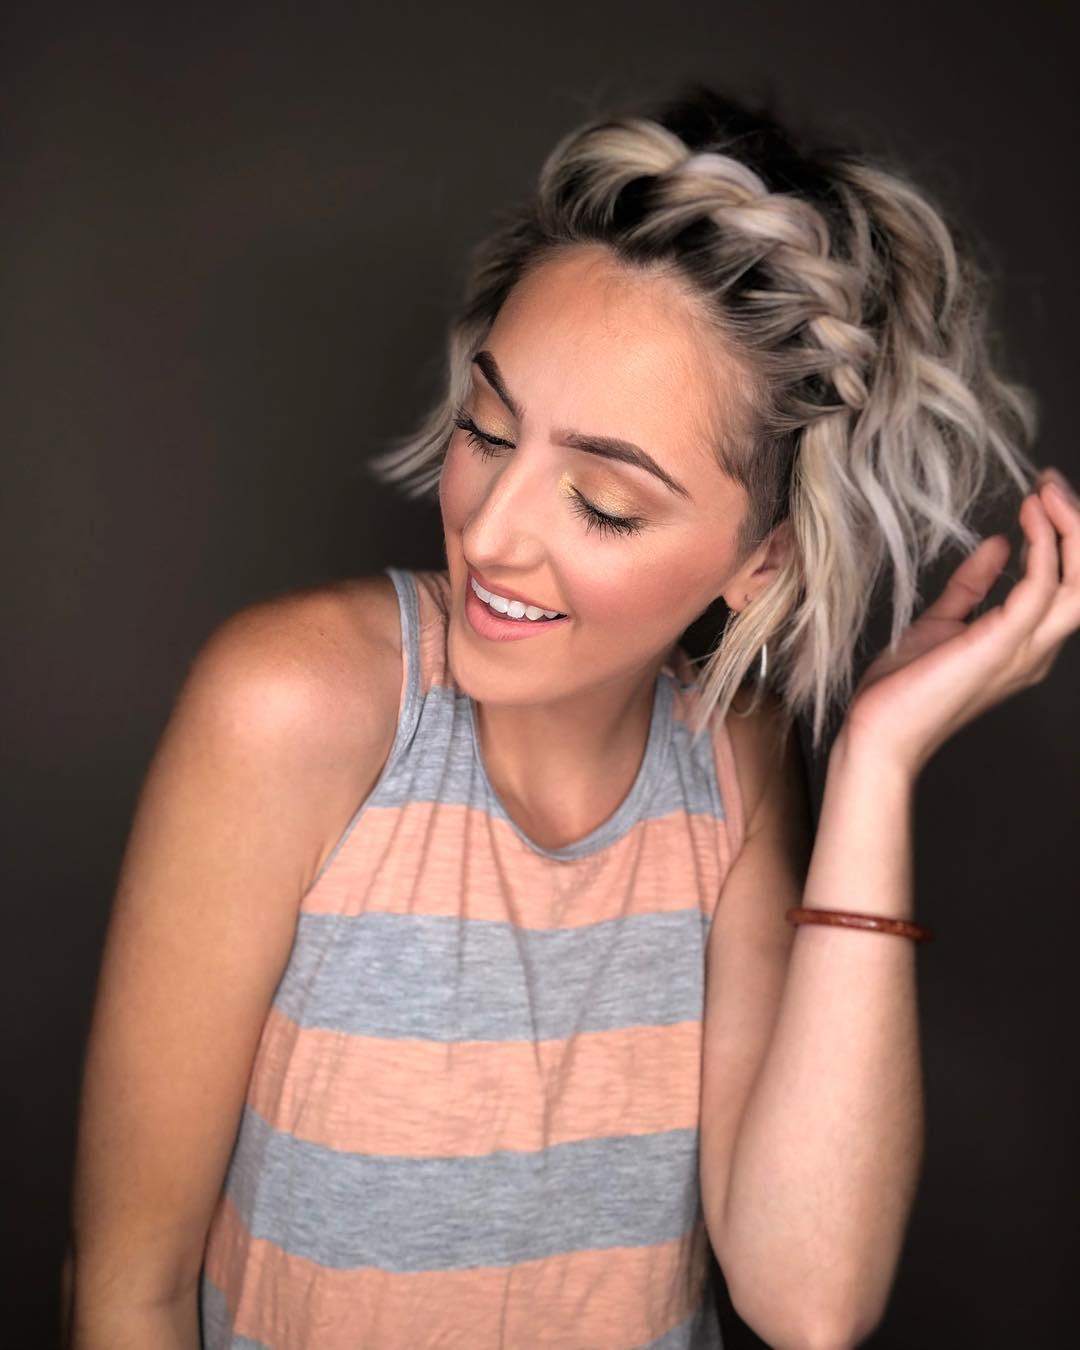 плетёные причёски для коротких волос фото 7